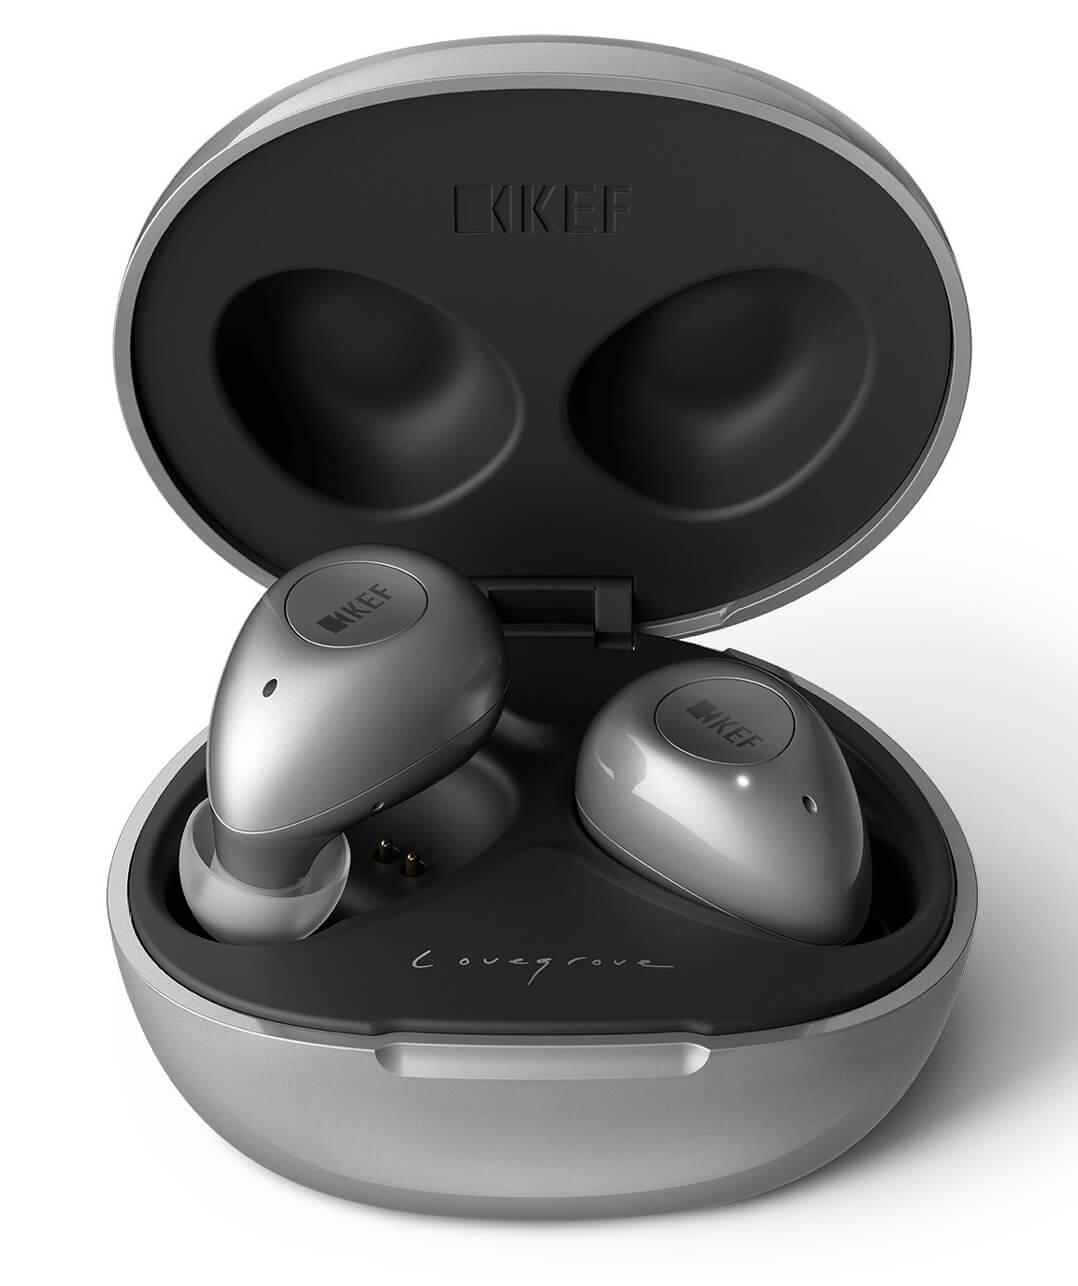 KEF Mu3 Noise Cancelling True Wireless Kopfhörer in der Ladeschale: Vorne sieht man den Schriftzug des Designers